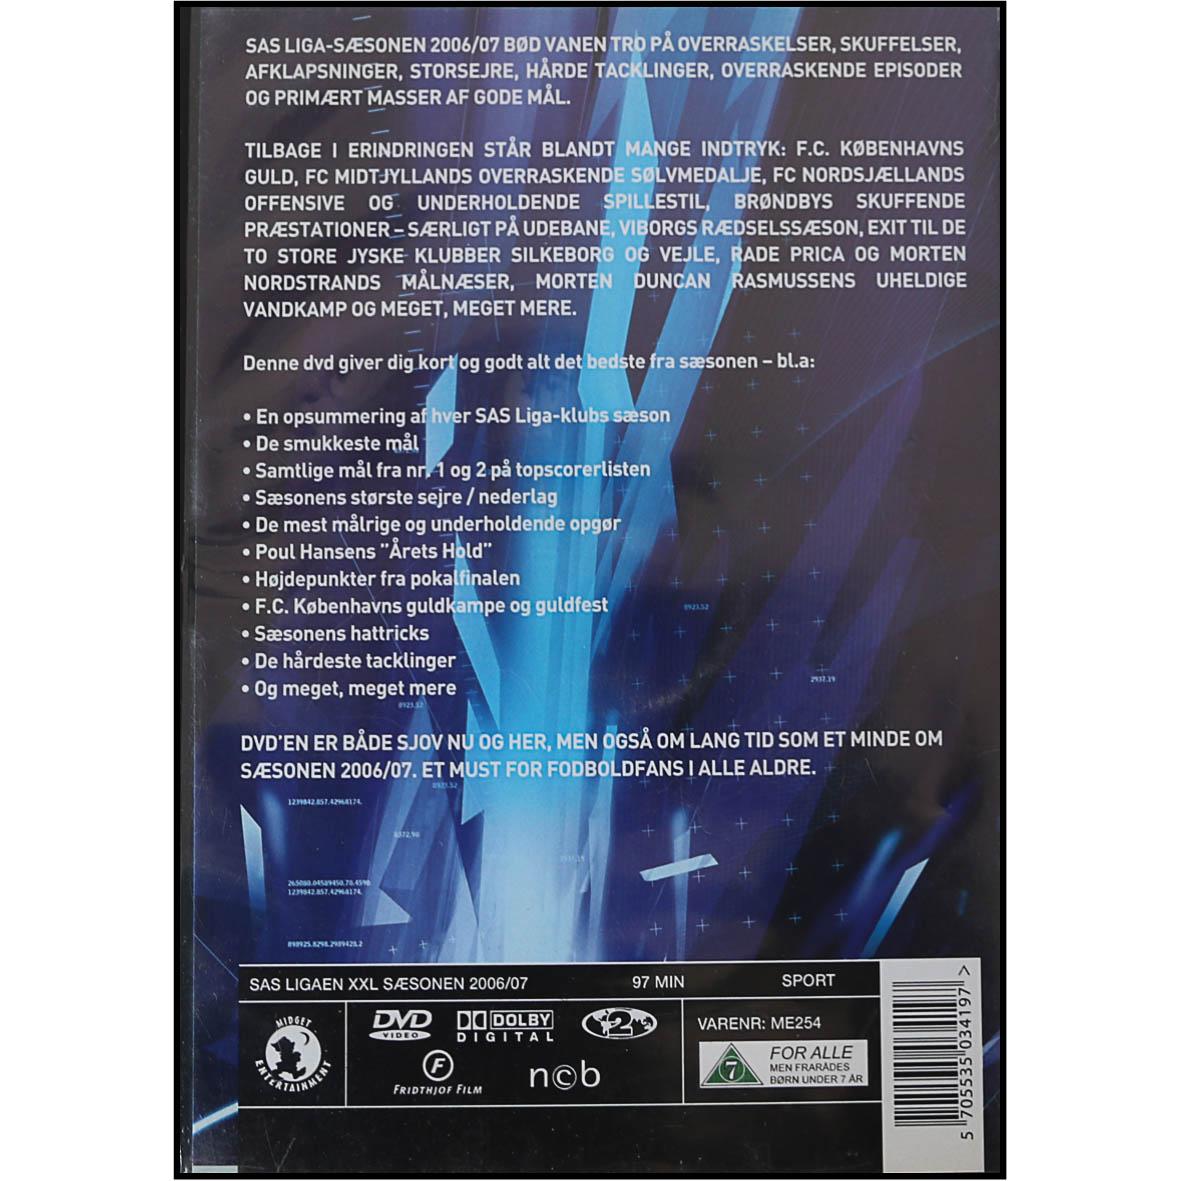 DVD- SAS Ligaen XXL - Sæsonen 2006/07